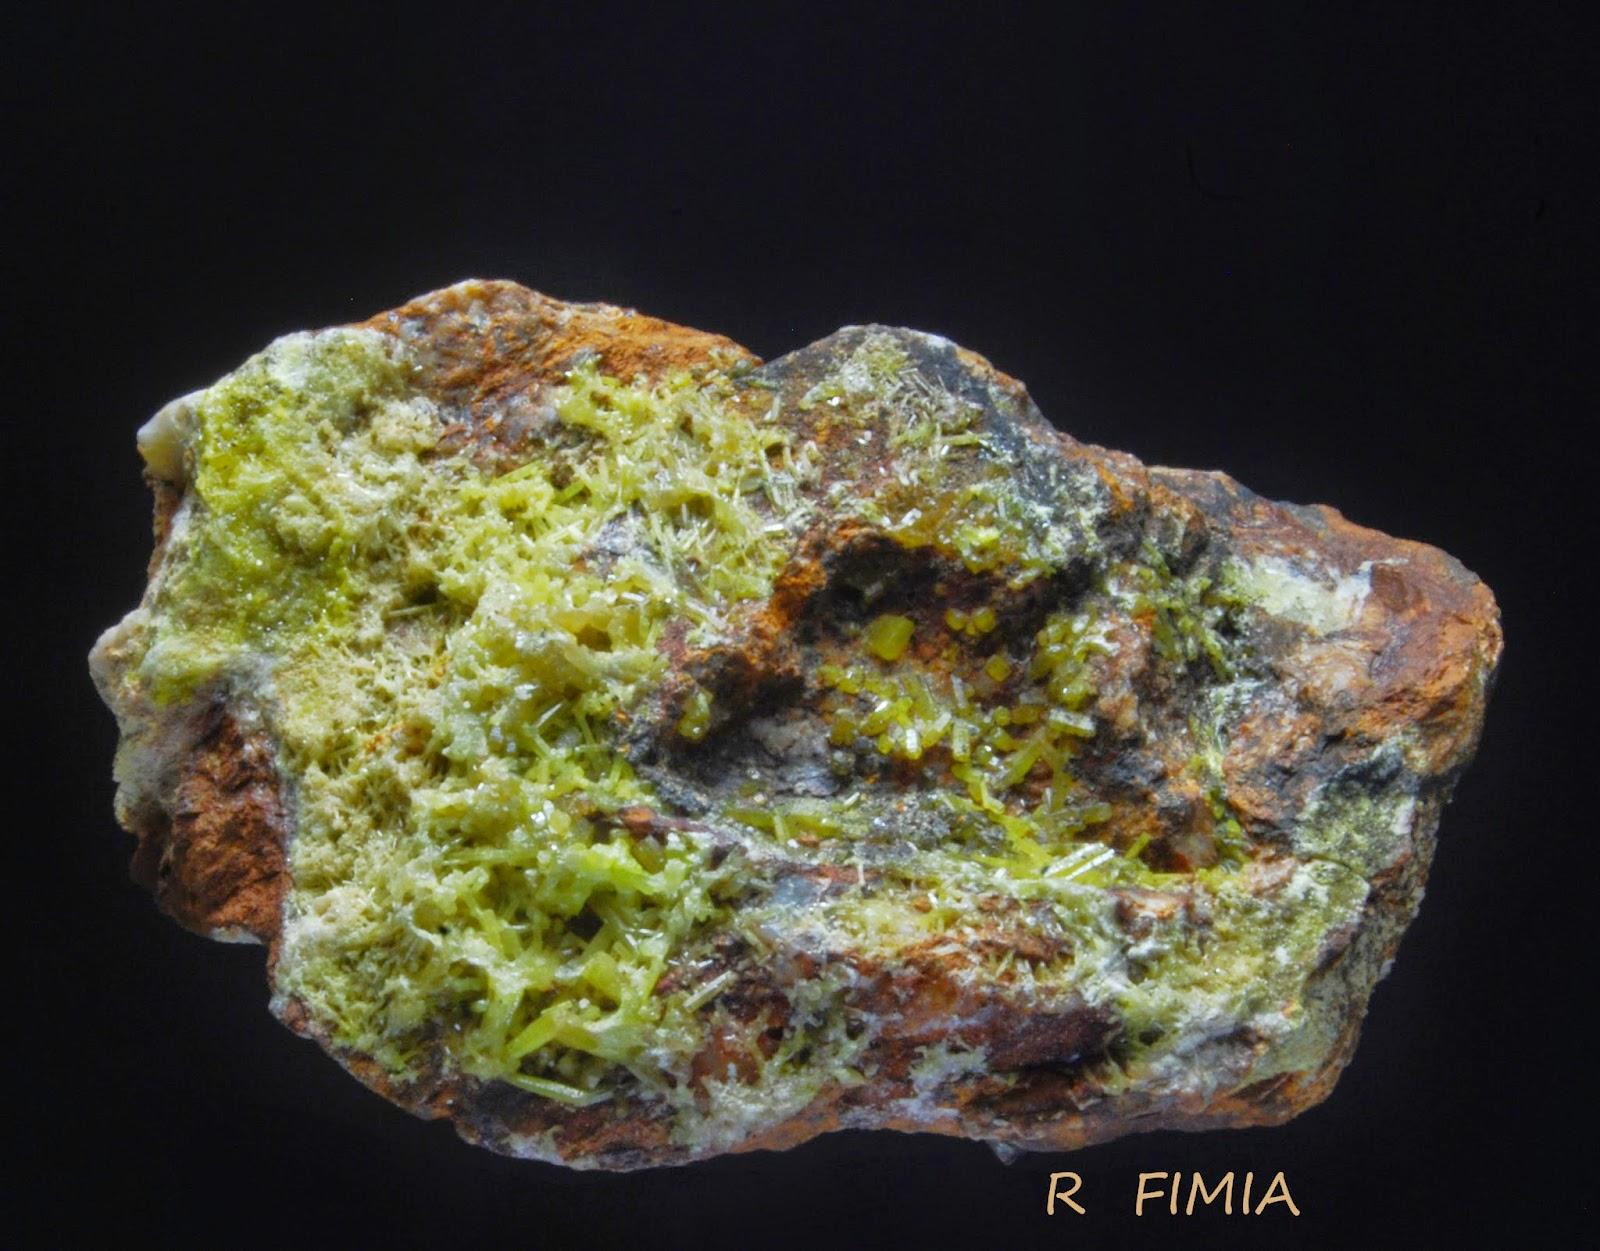 colección R. Fimia - Página 9 PIROMORFITA%2C%2Bel%2Bhorcajo